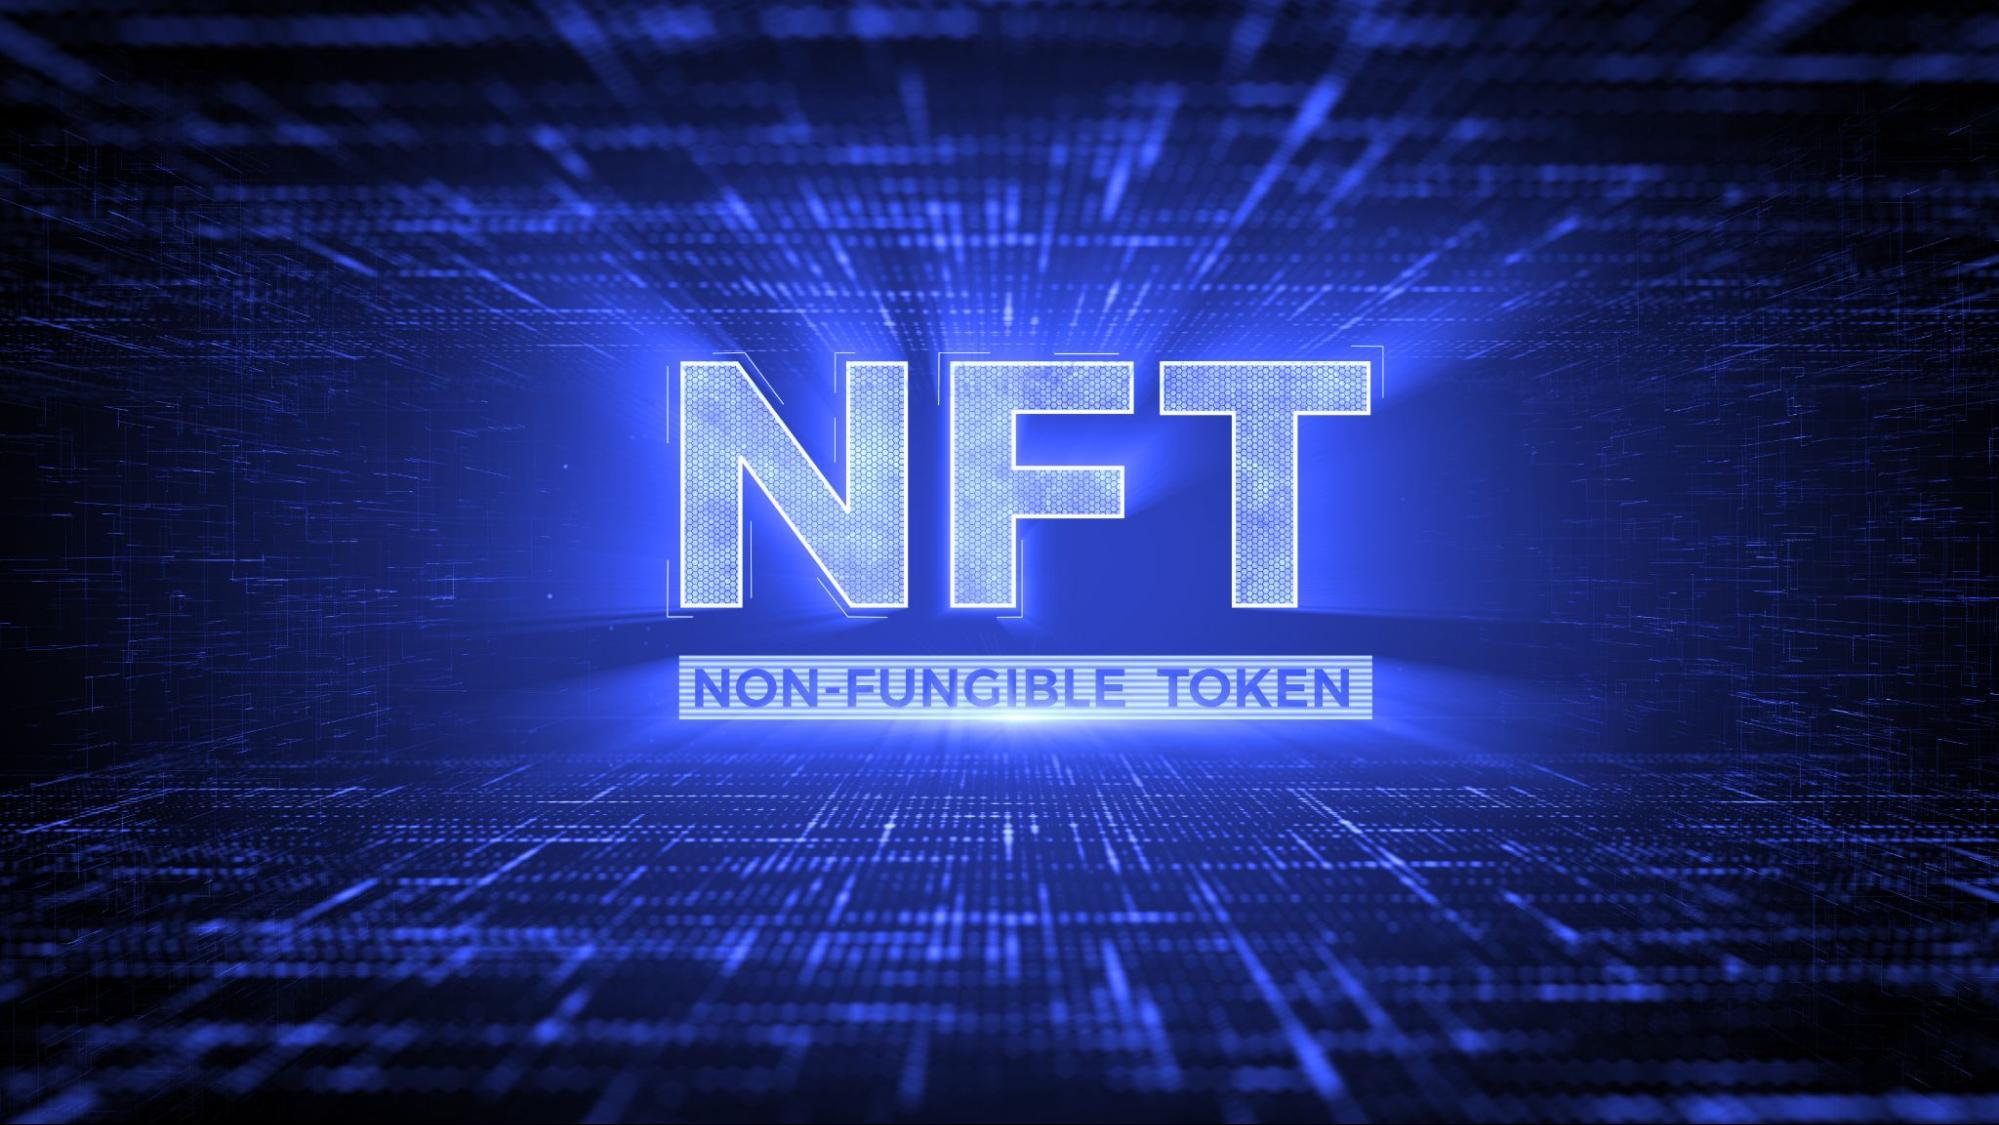 NFT es una tecnología que se puede implementar para mejorar la cadena de suministro de las empresas